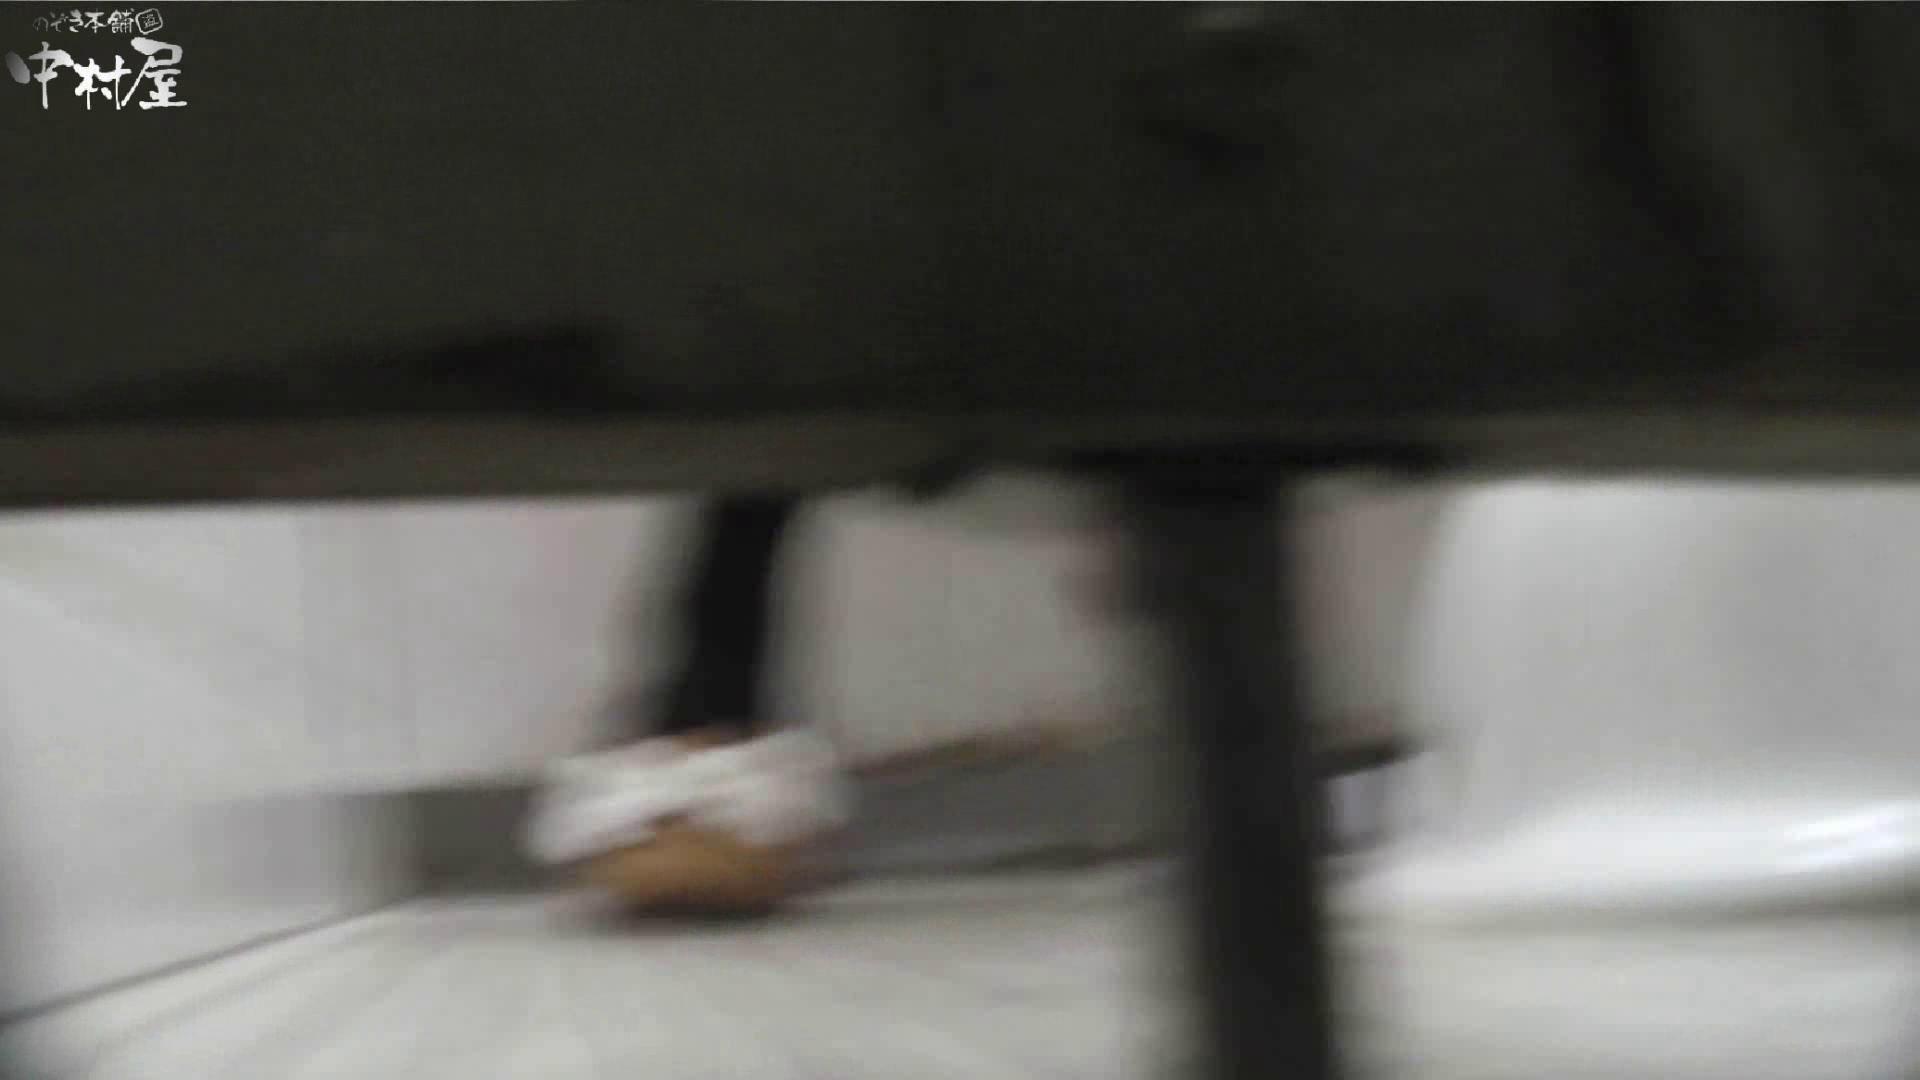 vol.06 命がけ潜伏洗面所! 茶髪タン、ハァハァ 後編 潜入 | 洗面所  63連発 1